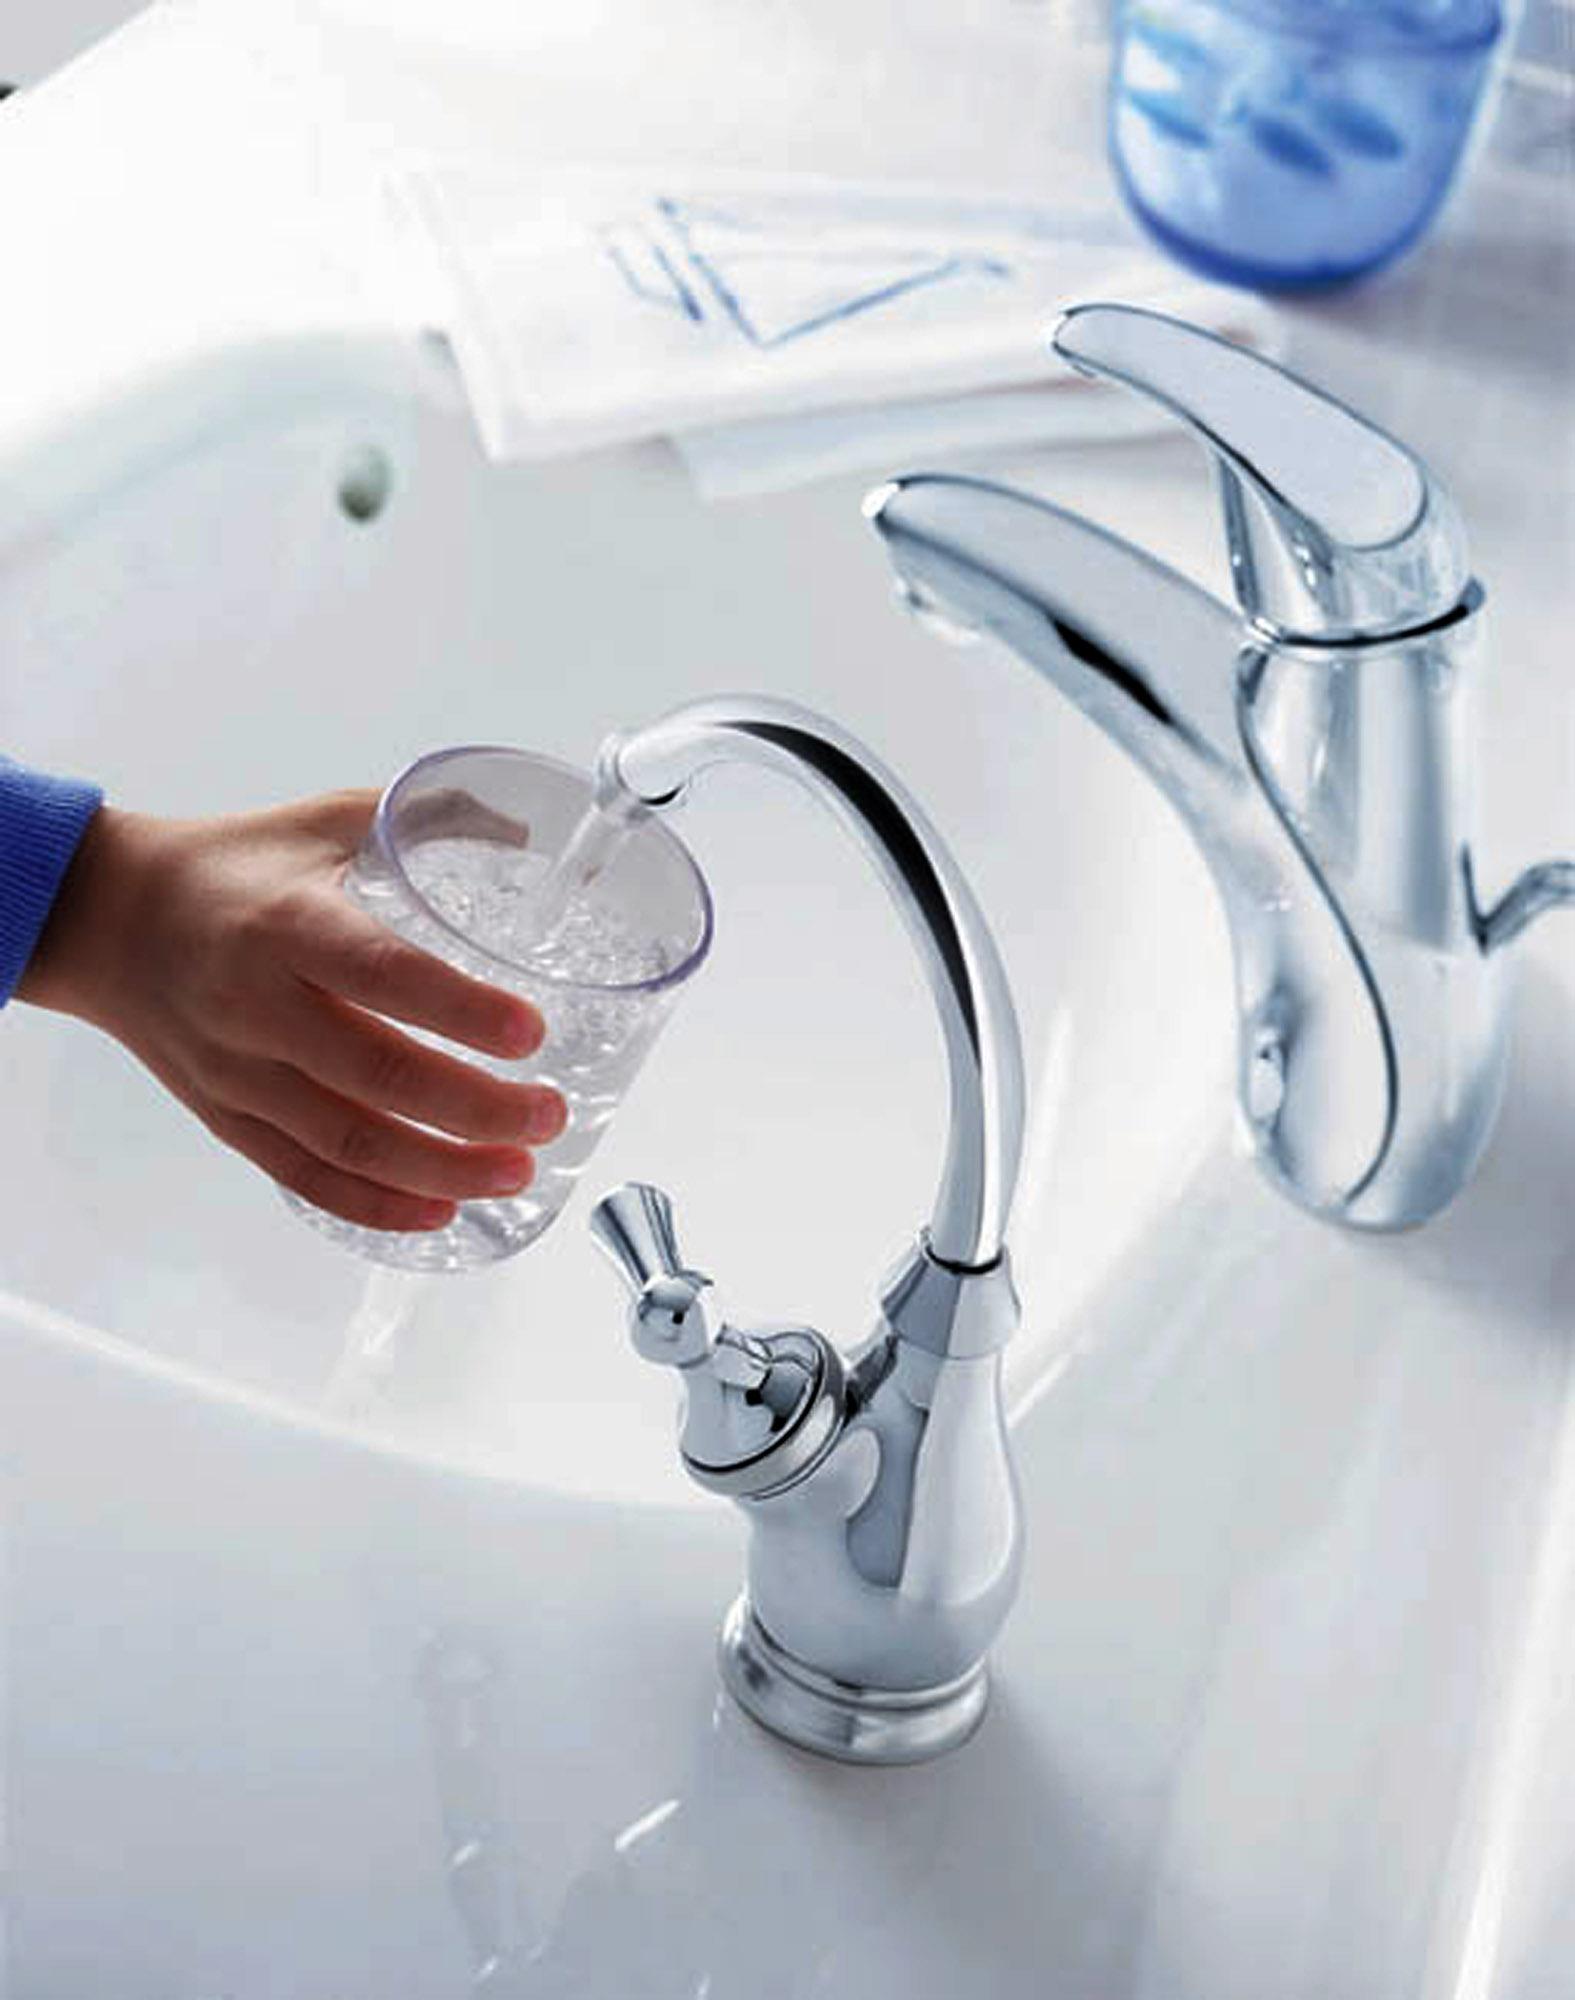 Attenzione a non «sporcare» l'acqua del rubinetto - Corriere.it